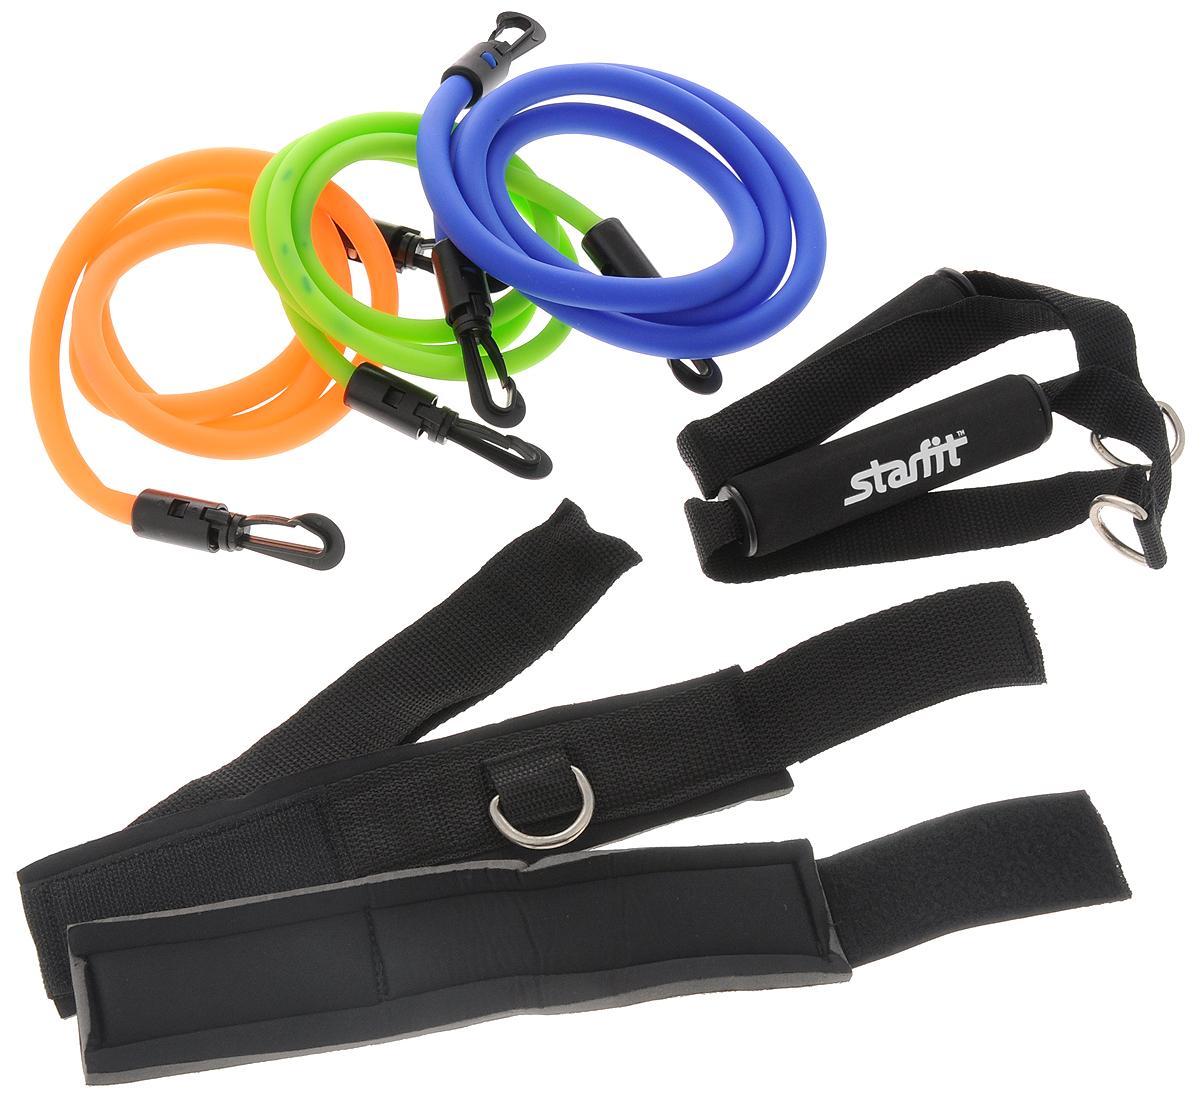 Набор эспандеров Starfit ES-606, с ручками, 8 предметов эспандер ленточный starfit es 201 цвет серый 1200 х 150 х 0 55 мм